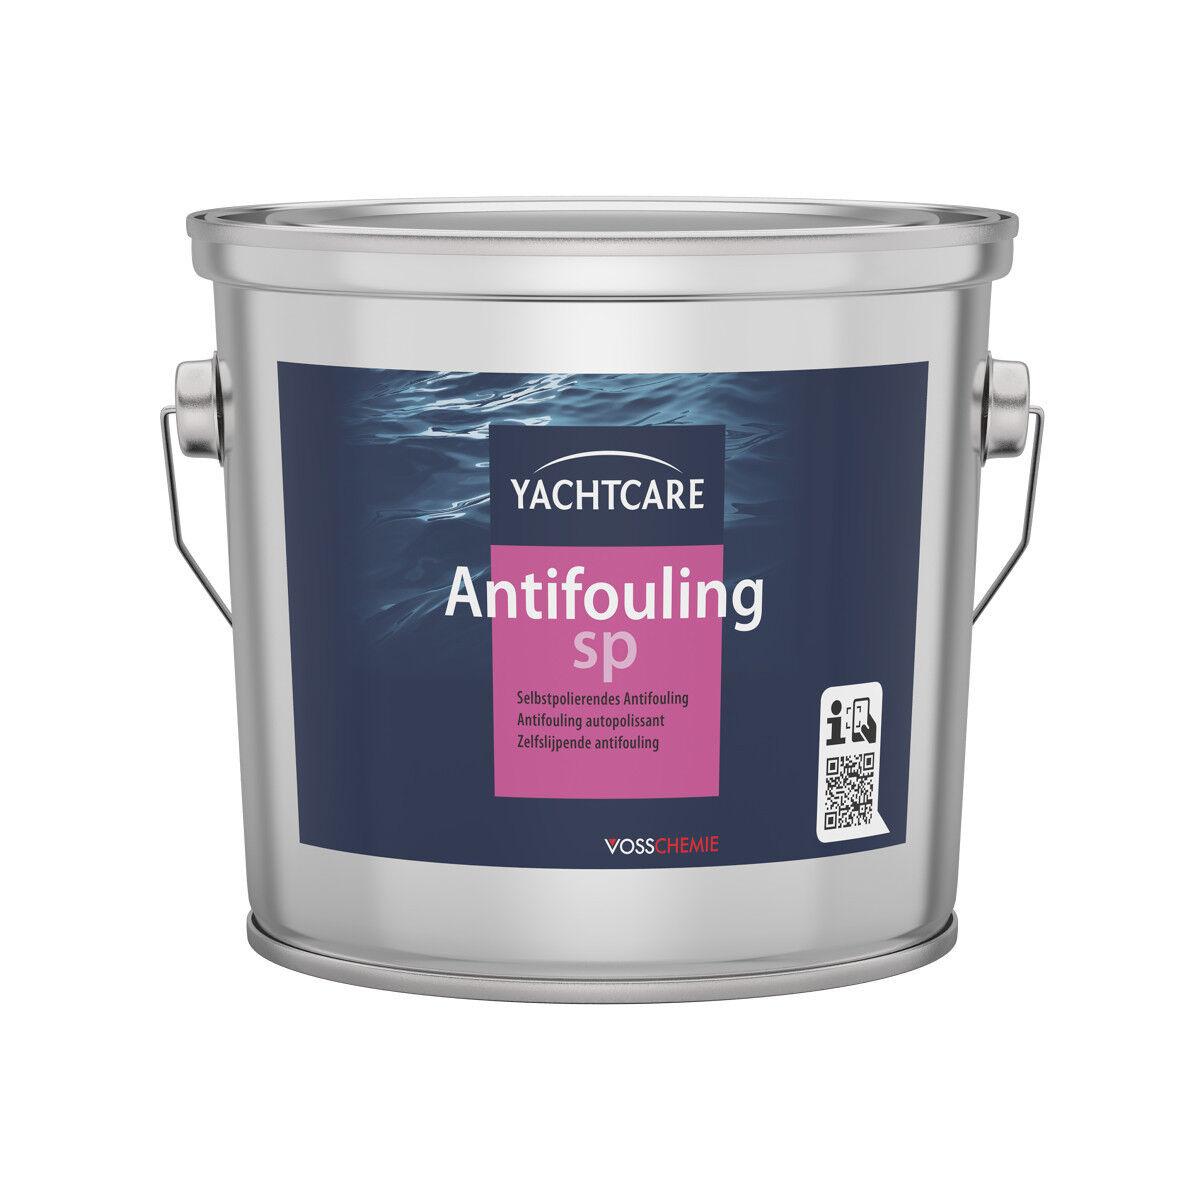 Yachtcare Antifouling SP selbstpolierendes Antifouling // 2,5l blau